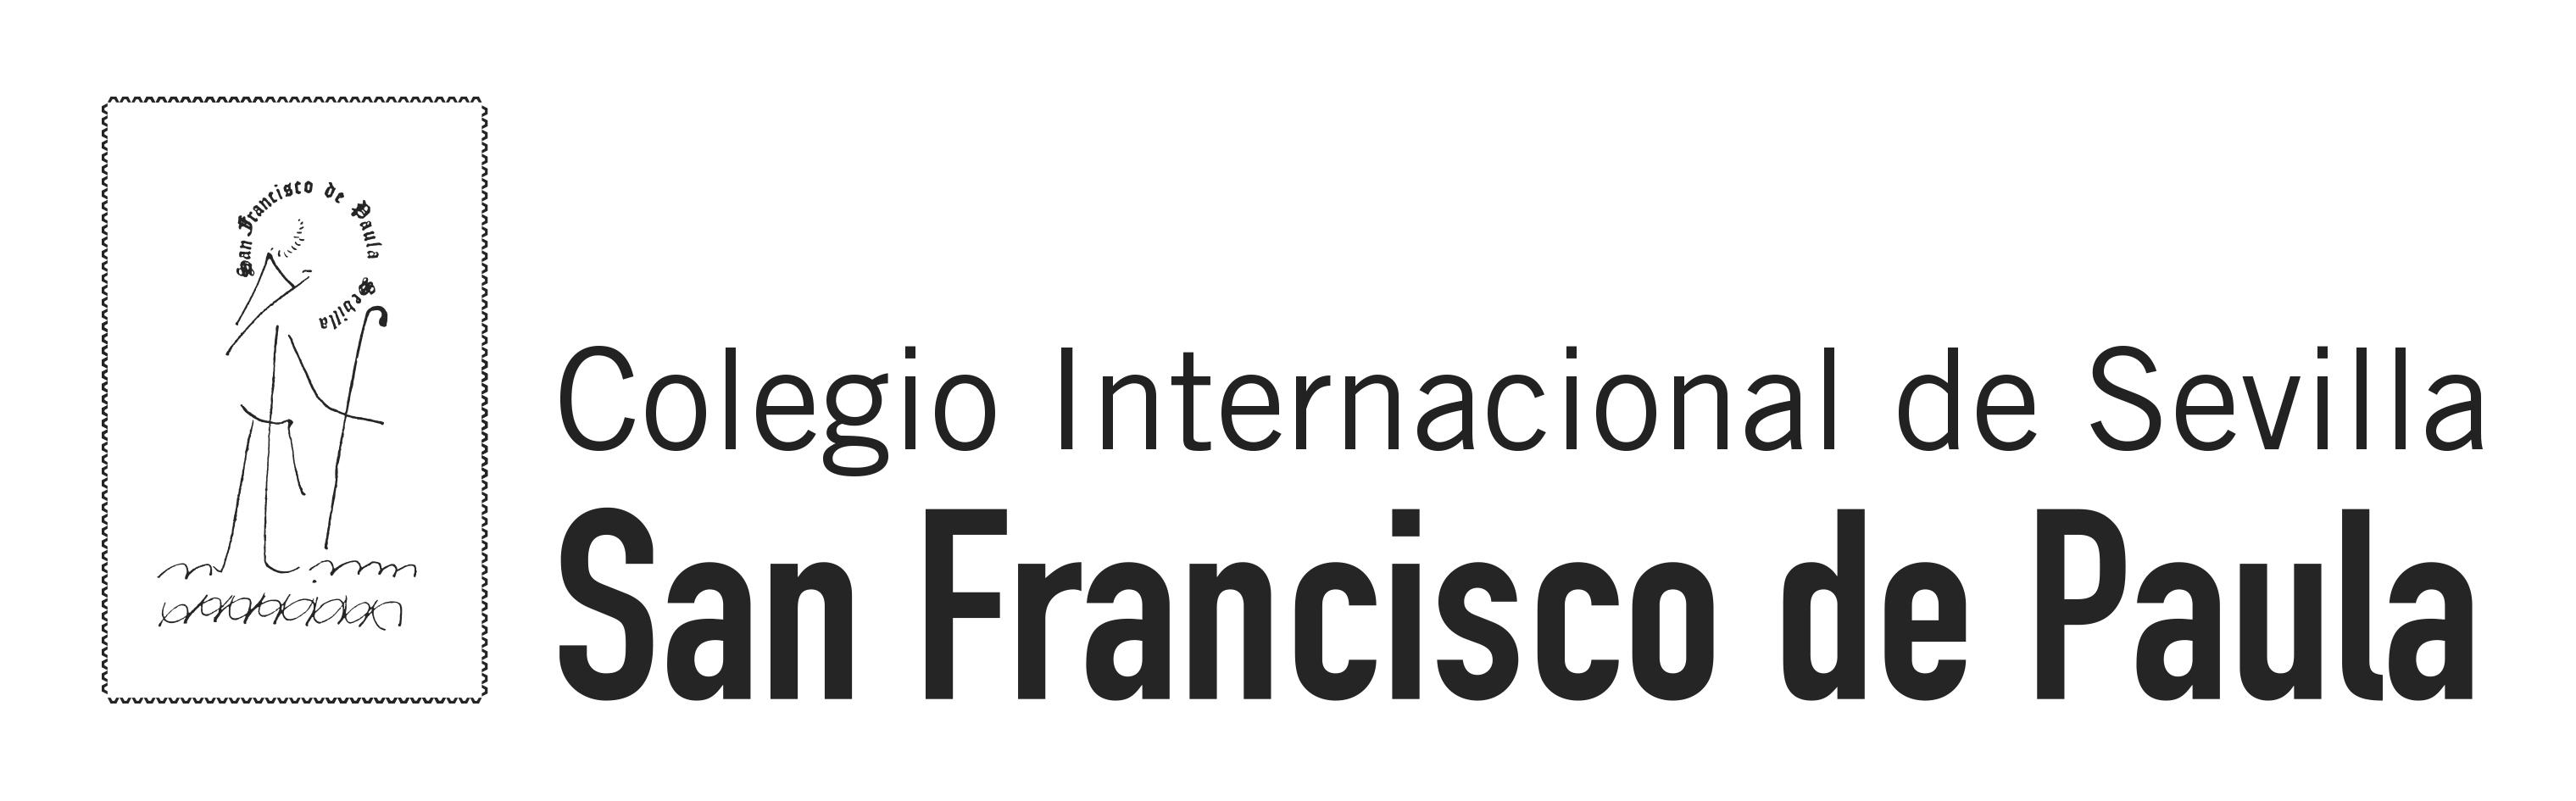 NOTA DE PRENSA: 190 ALUMNOS DEL COLEGIO ENTREGAN A LA REAL ORQUESTA SINFÓNICA DE SEVILLA UNA APORTACIÓN ECONÓMICA DE 15.865 EUROS CORRESPONDIENTES A SU PARTICIPACIÓN EN EL PROGRAMA DE MICROMECENAZGO DE LA ORQUE